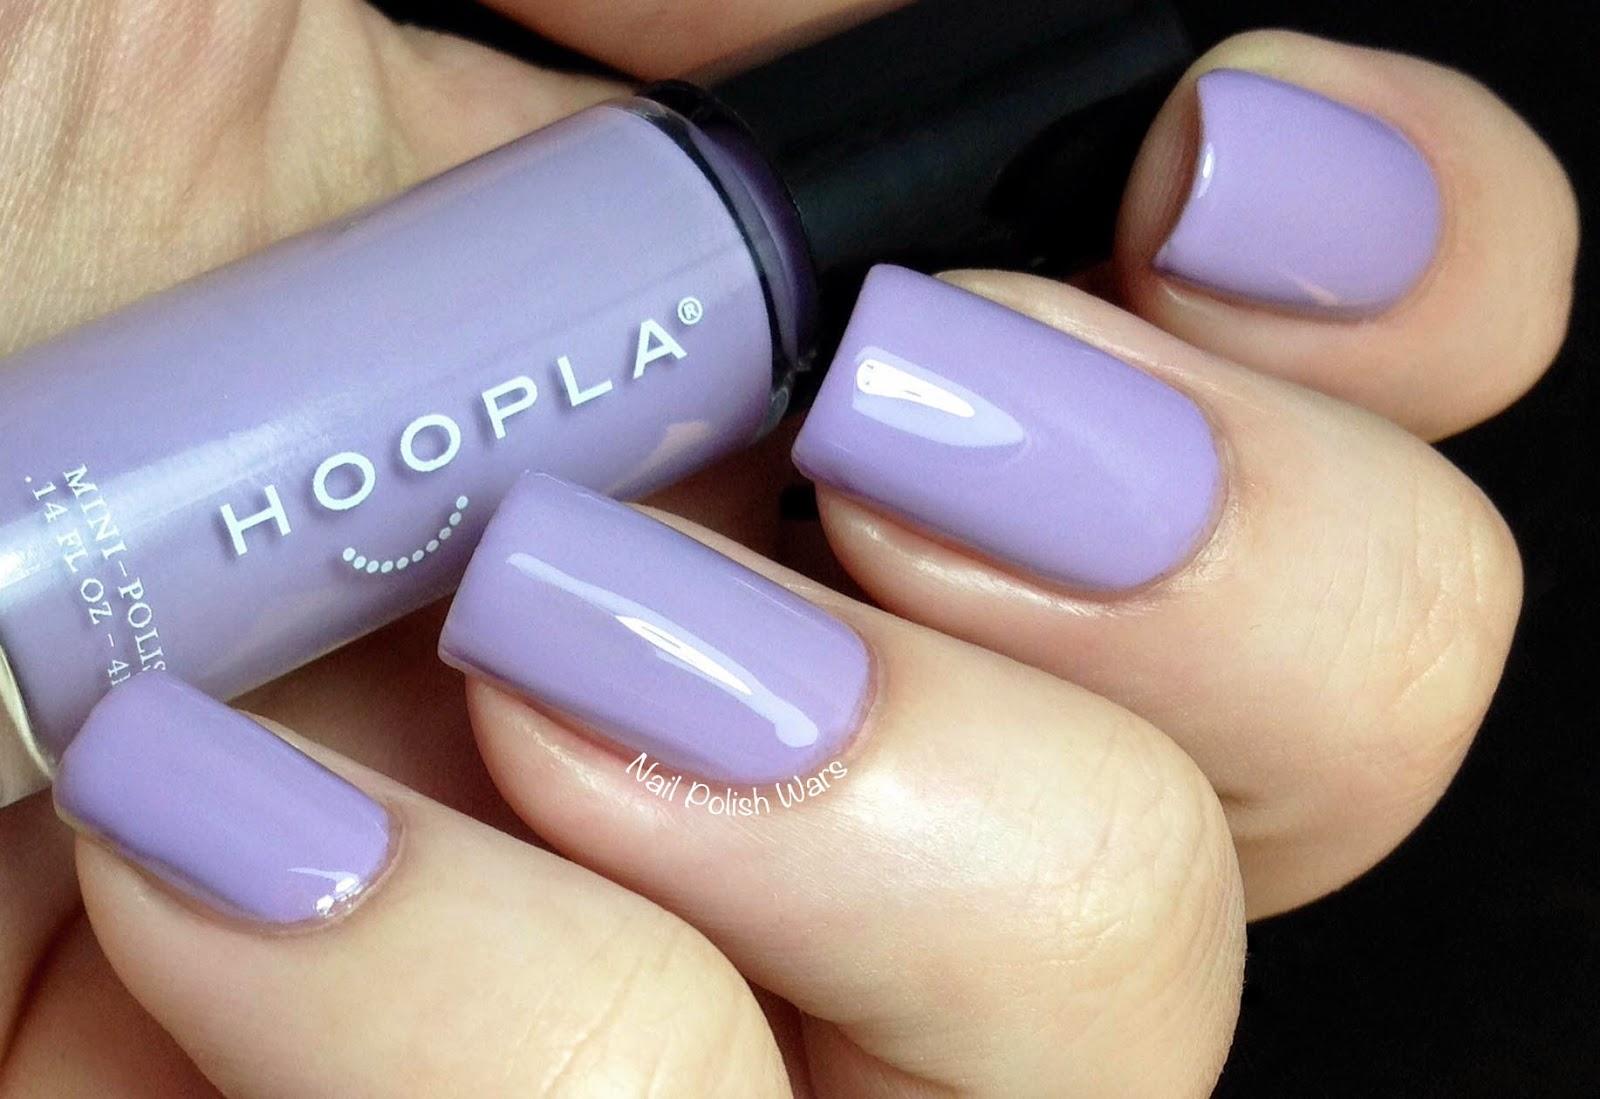 Hoopla Polish